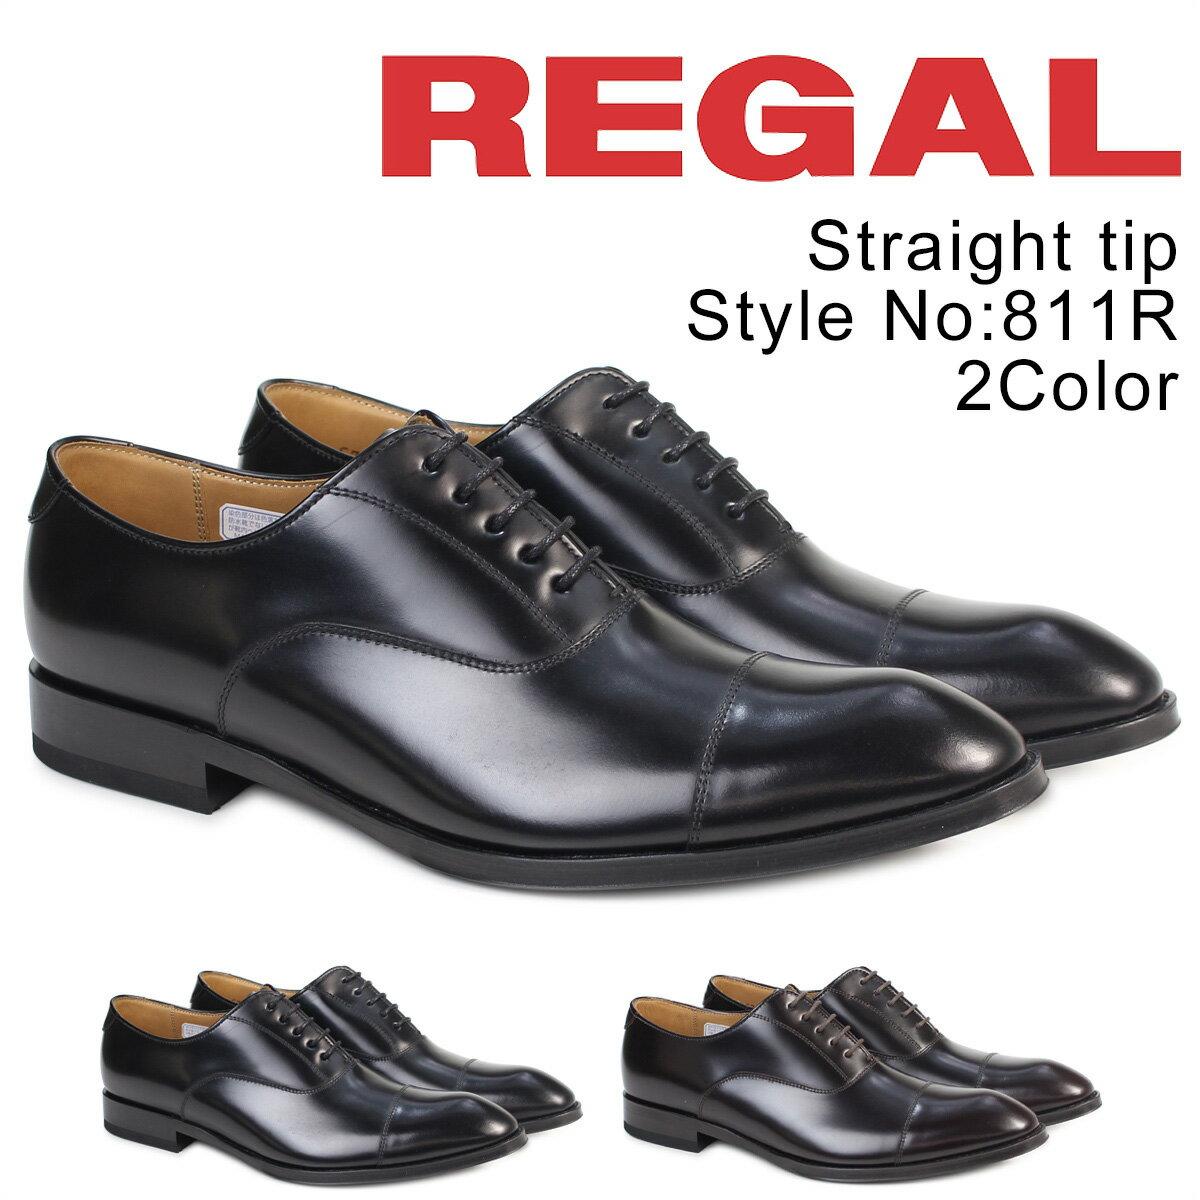 リーガル 靴 メンズ REGAL ストレートチップ 811RAL ビジネスシューズ ブラック [9/14 追加入荷]